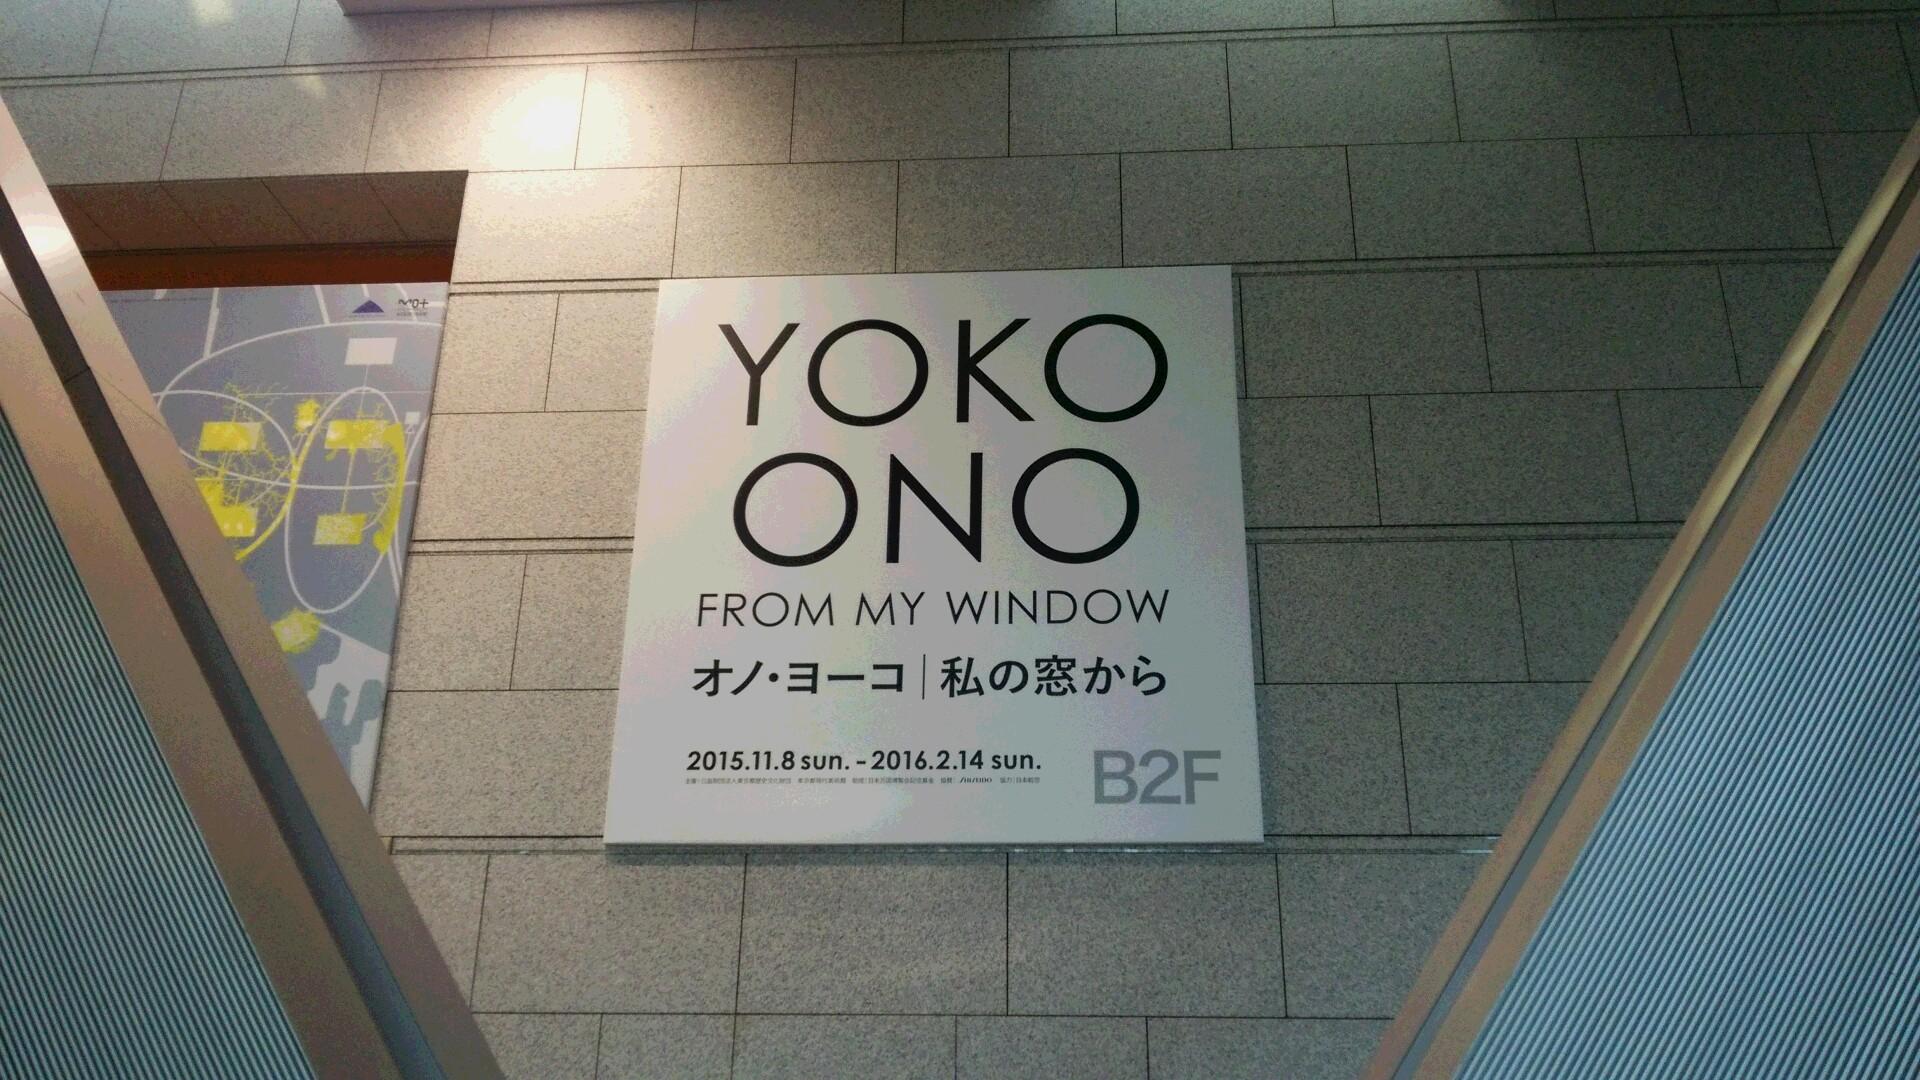 オノ・ヨーコ★深川散歩